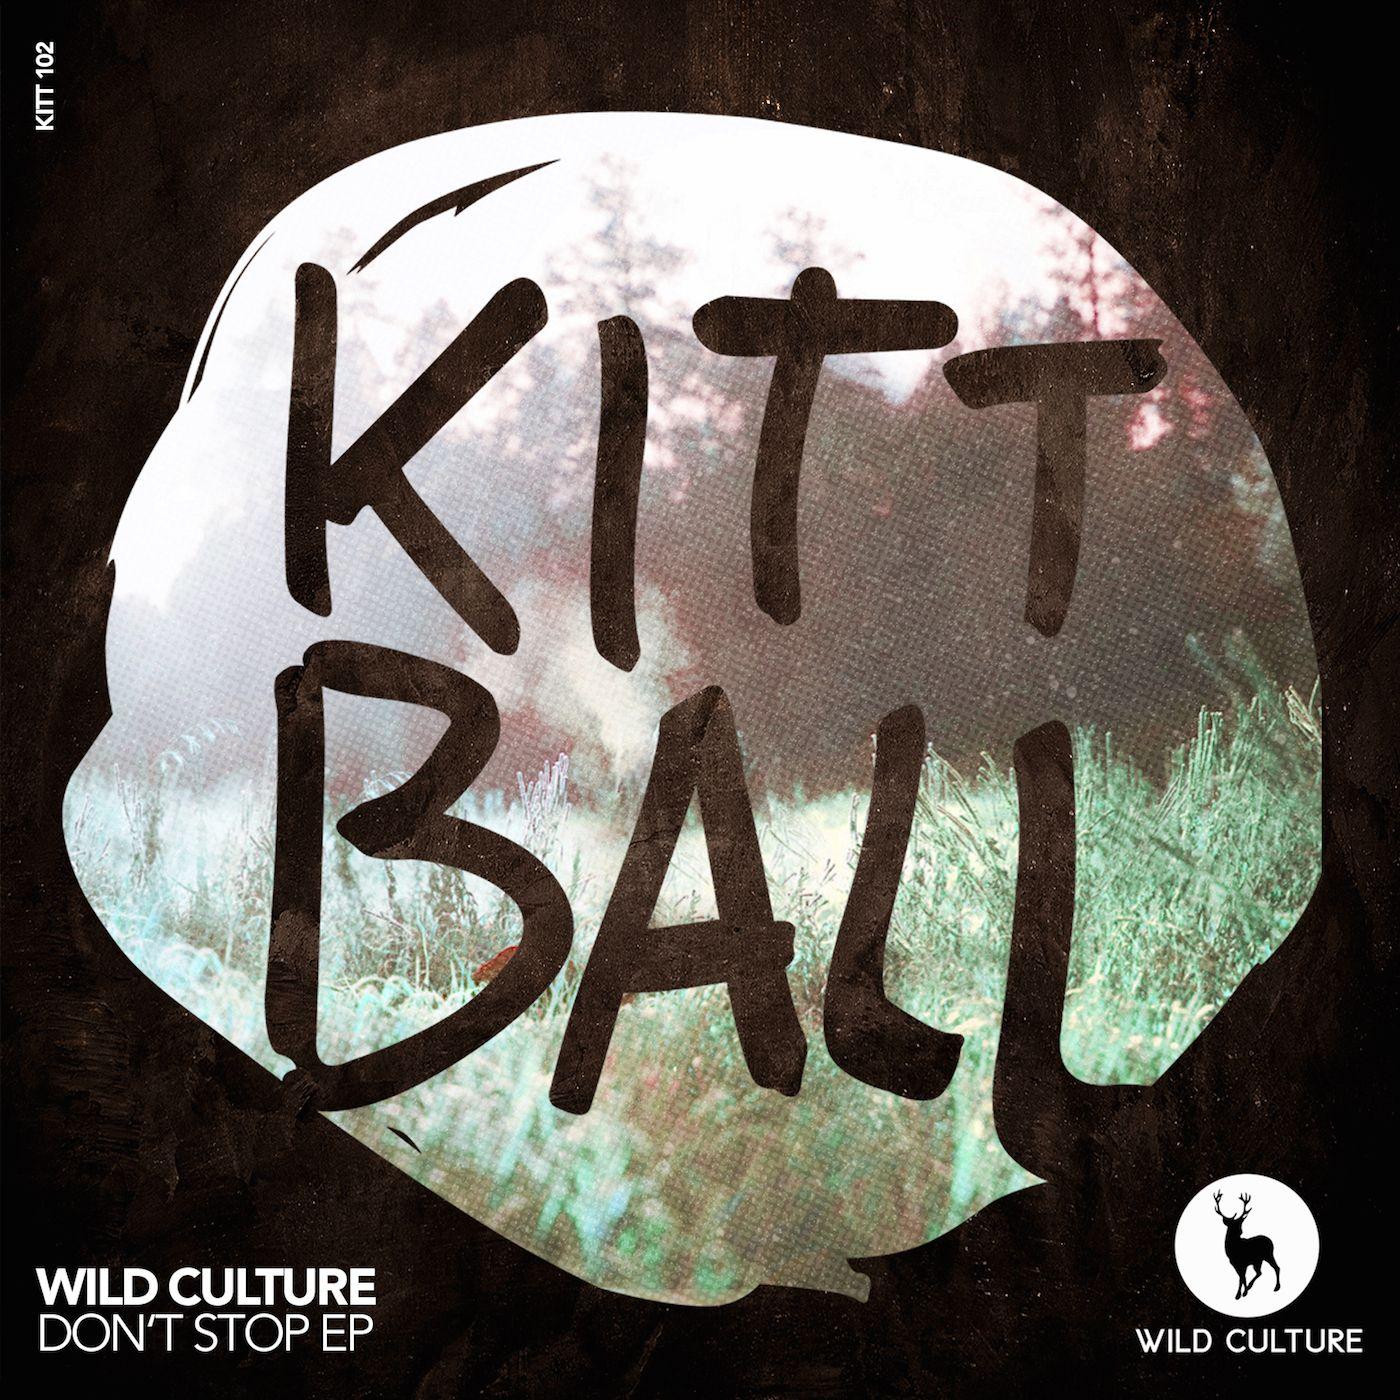 packshot_wild_culture_-_dont_stop_ep_-_kittball_records.jpg